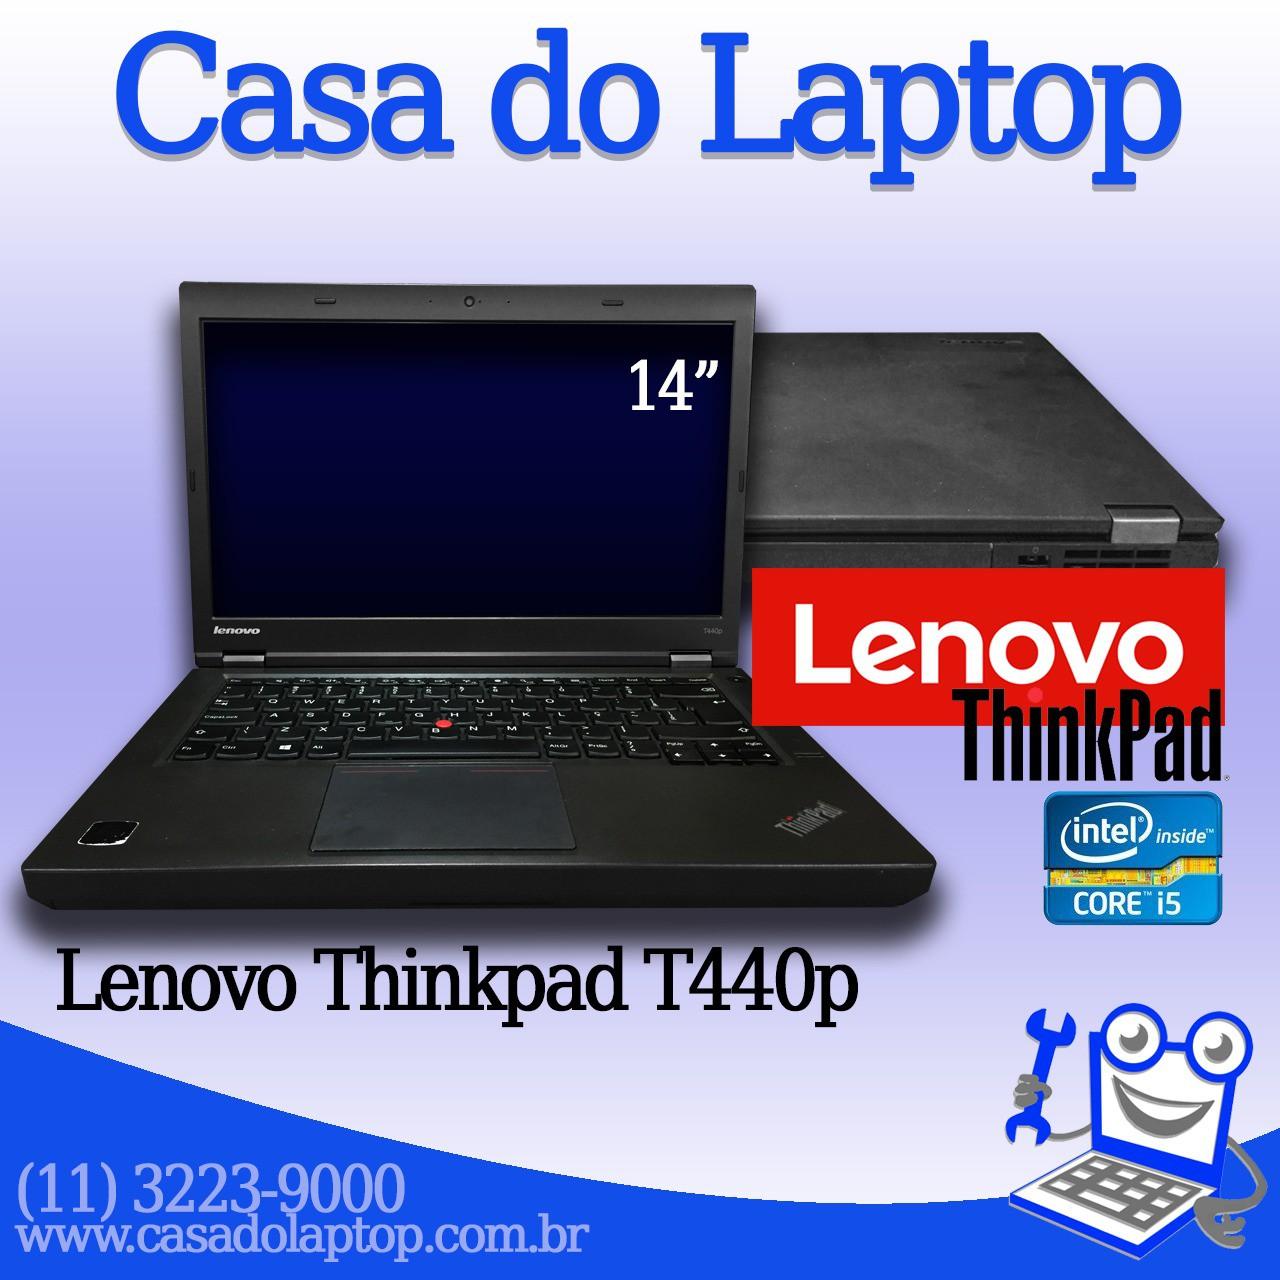 Laptop Lenovo Thinkpad T440p i5 de 4a. geração 8 GB memória e 500 GB disco rígido